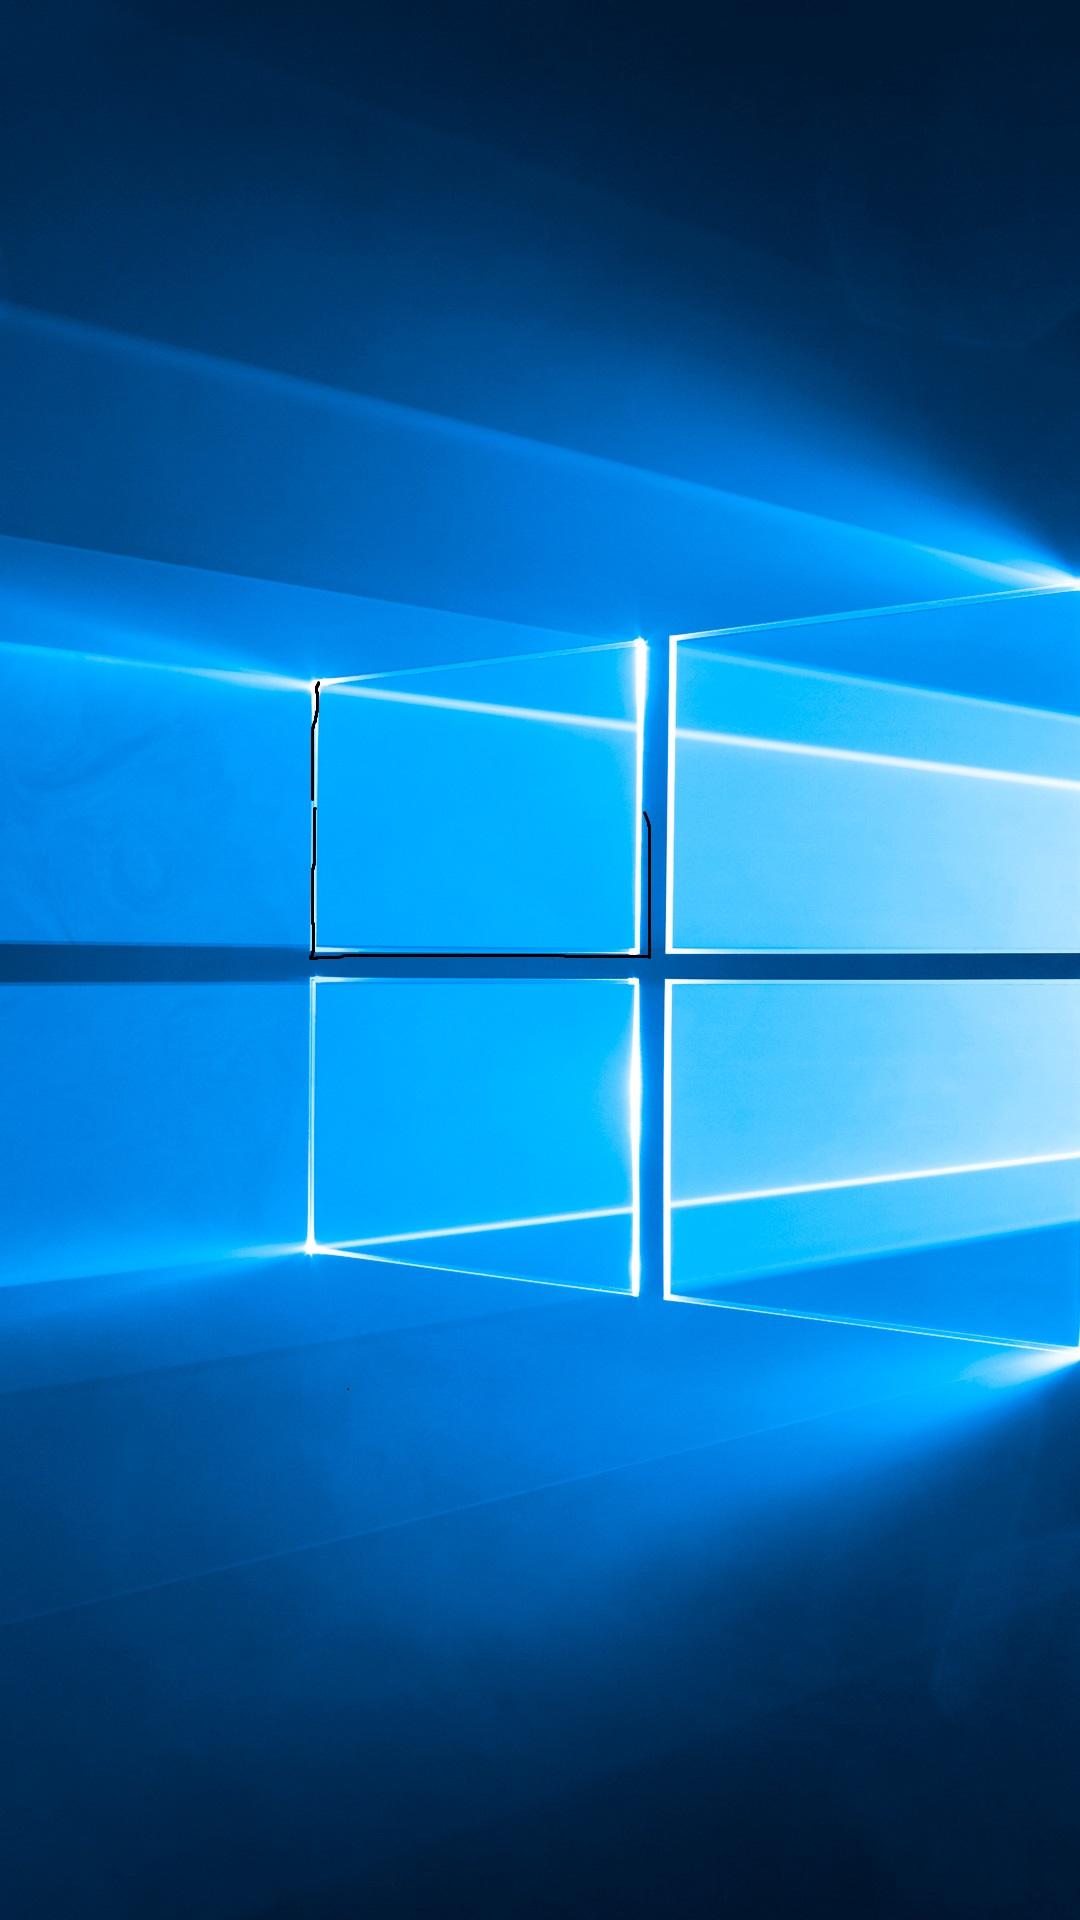 Windows 10: Neues kumulatives Update am kommende Dienstag soll Build 10586.71liefern. Windows 10 Mobile Build 10586.71 bereits im internen Test